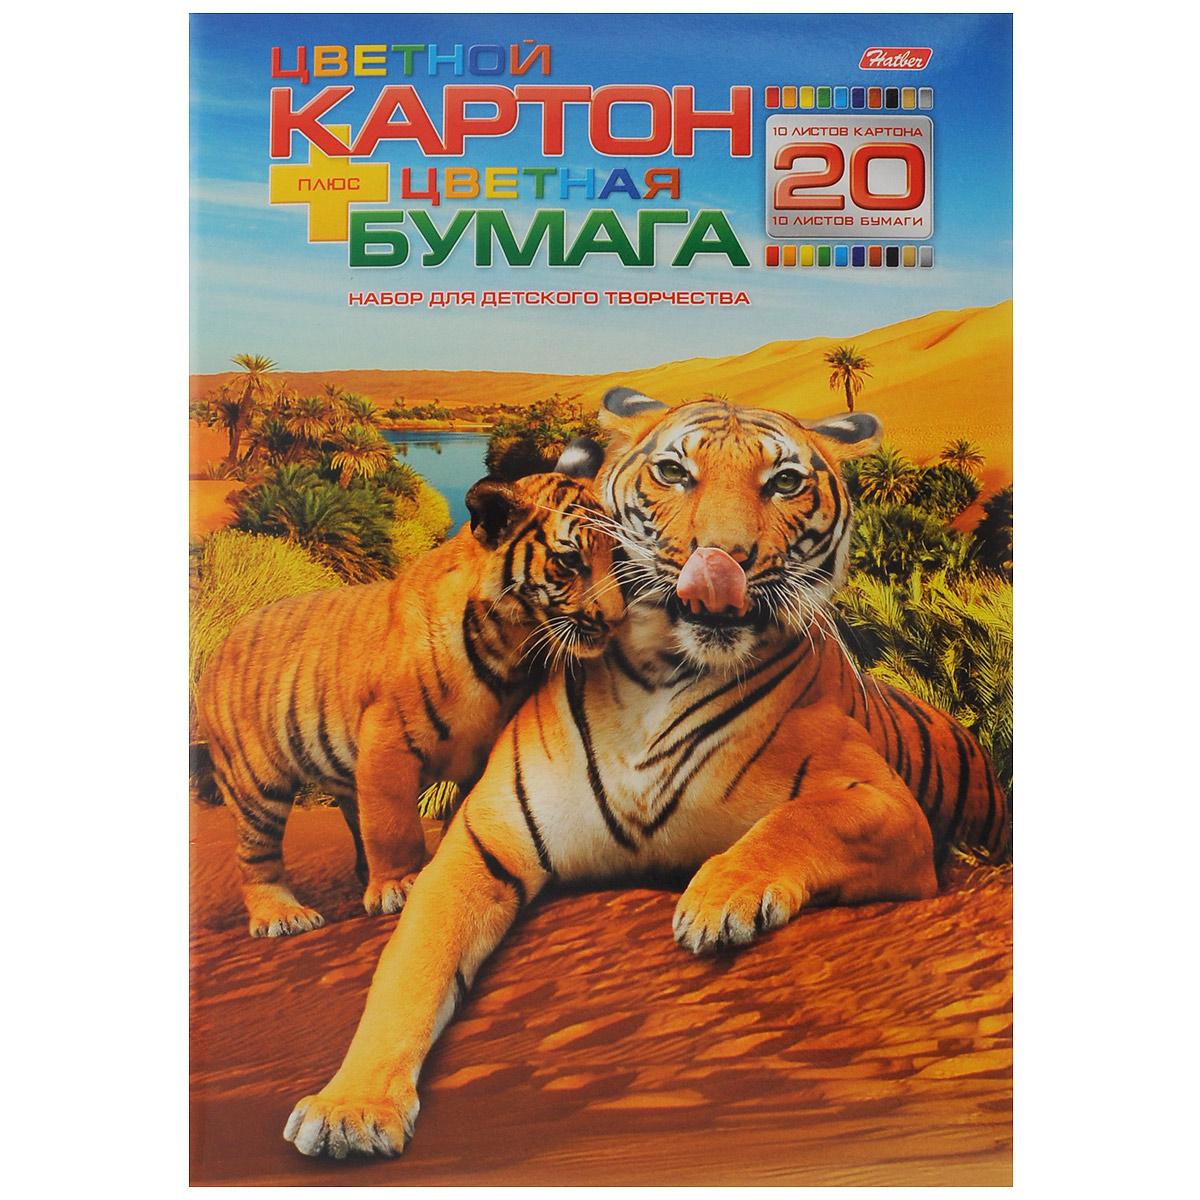 Набор бумаги и цветного картона Hatber Тигры, 20 листов1108103Набор бумаги и цветного картона Hatber Тигры позволит вашему малышу раскрыть свой творческий потенциал.Набор содержит 10 листов цветного картона и 10 листов цветной бумаги желтого, серебряного, золотого, оранжевого, красного, синего, голубого, зеленого, коричневого и черного цветов.На внутренней стороне обложки расположены изображения слона и льва, которые ребенок сможет раскрасить по своему желанию.Создание поделок из цветной бумаги и картона - это увлекательнейший процесс, способствующий развитию у ребенка фантазии и творческого мышления.Набор не содержит каких-либо инструкций - ребенок может дать волю своей фантазии и создавать собственные шедевры! Набор прекрасно подойдет для рисования, создания аппликаций, оригами, изготовления поделок из картона и бумаги. Порадуйте своего малыша таким замечательным подарком!Рекомендуемый возраст от 6 лет.